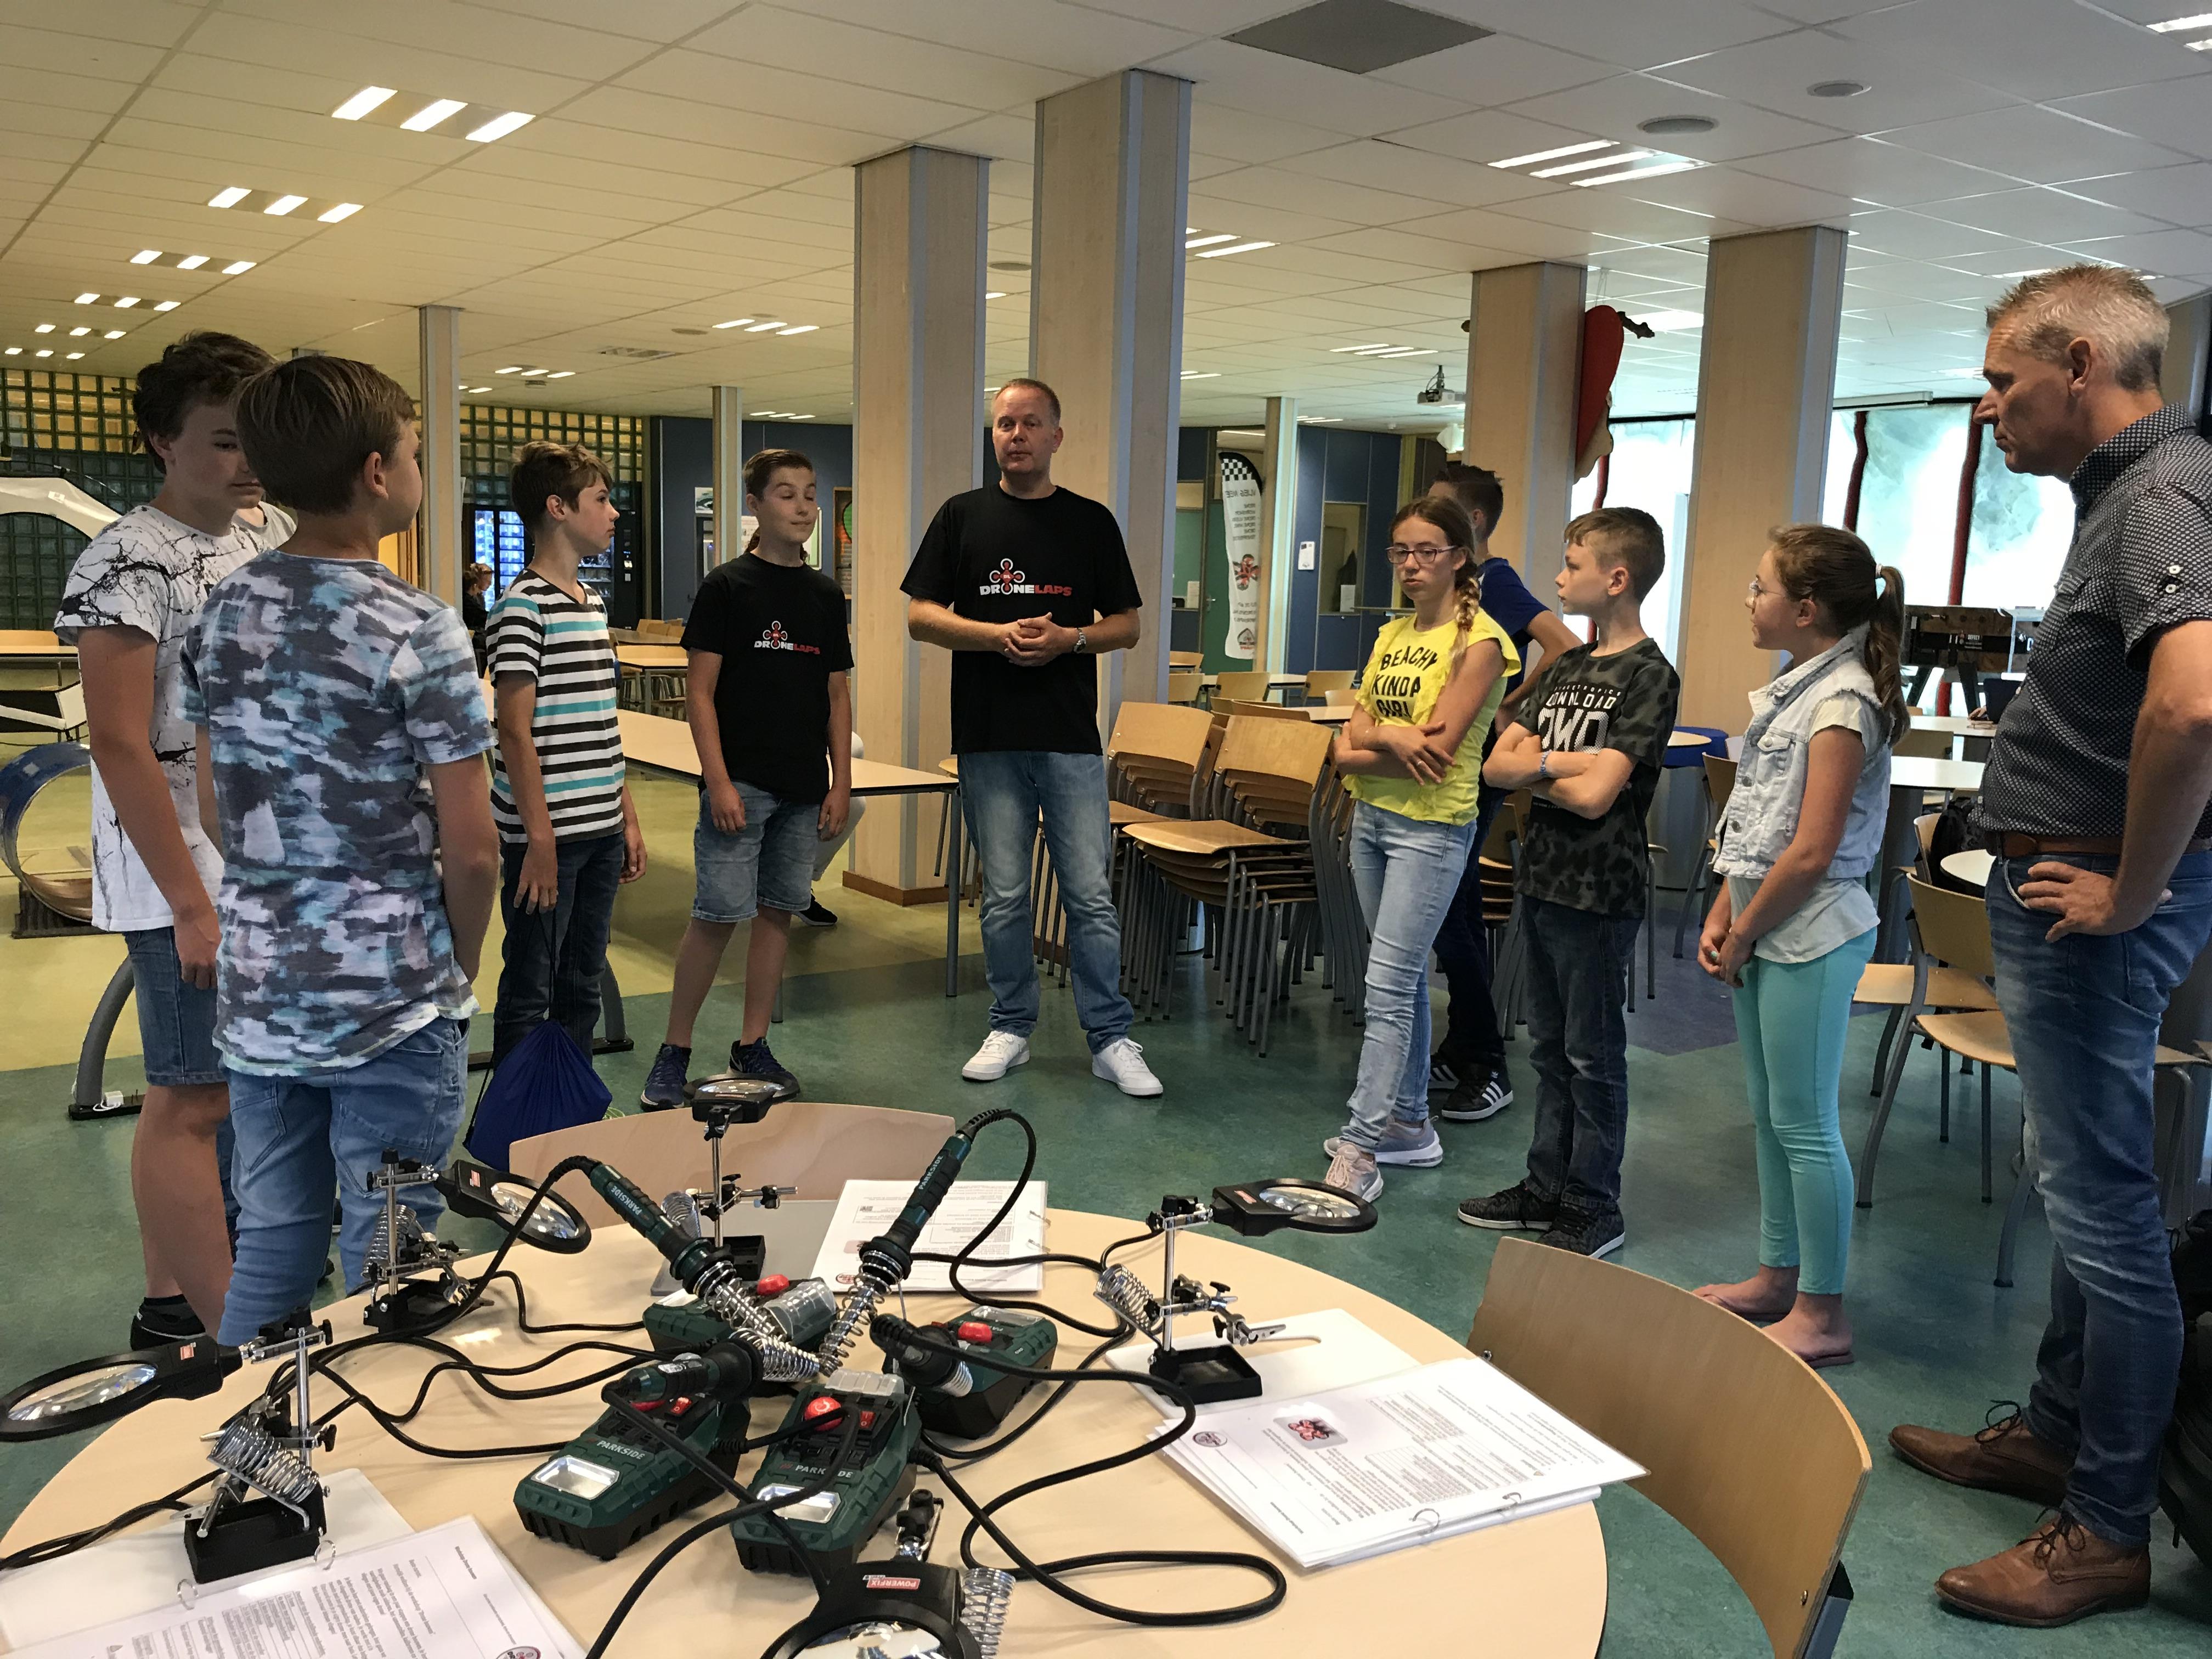 Rubin en zijn vader (midden) verzorgden voor de leerlingen een workshop 'drone bouwen'. (Foto: aangeleverd)